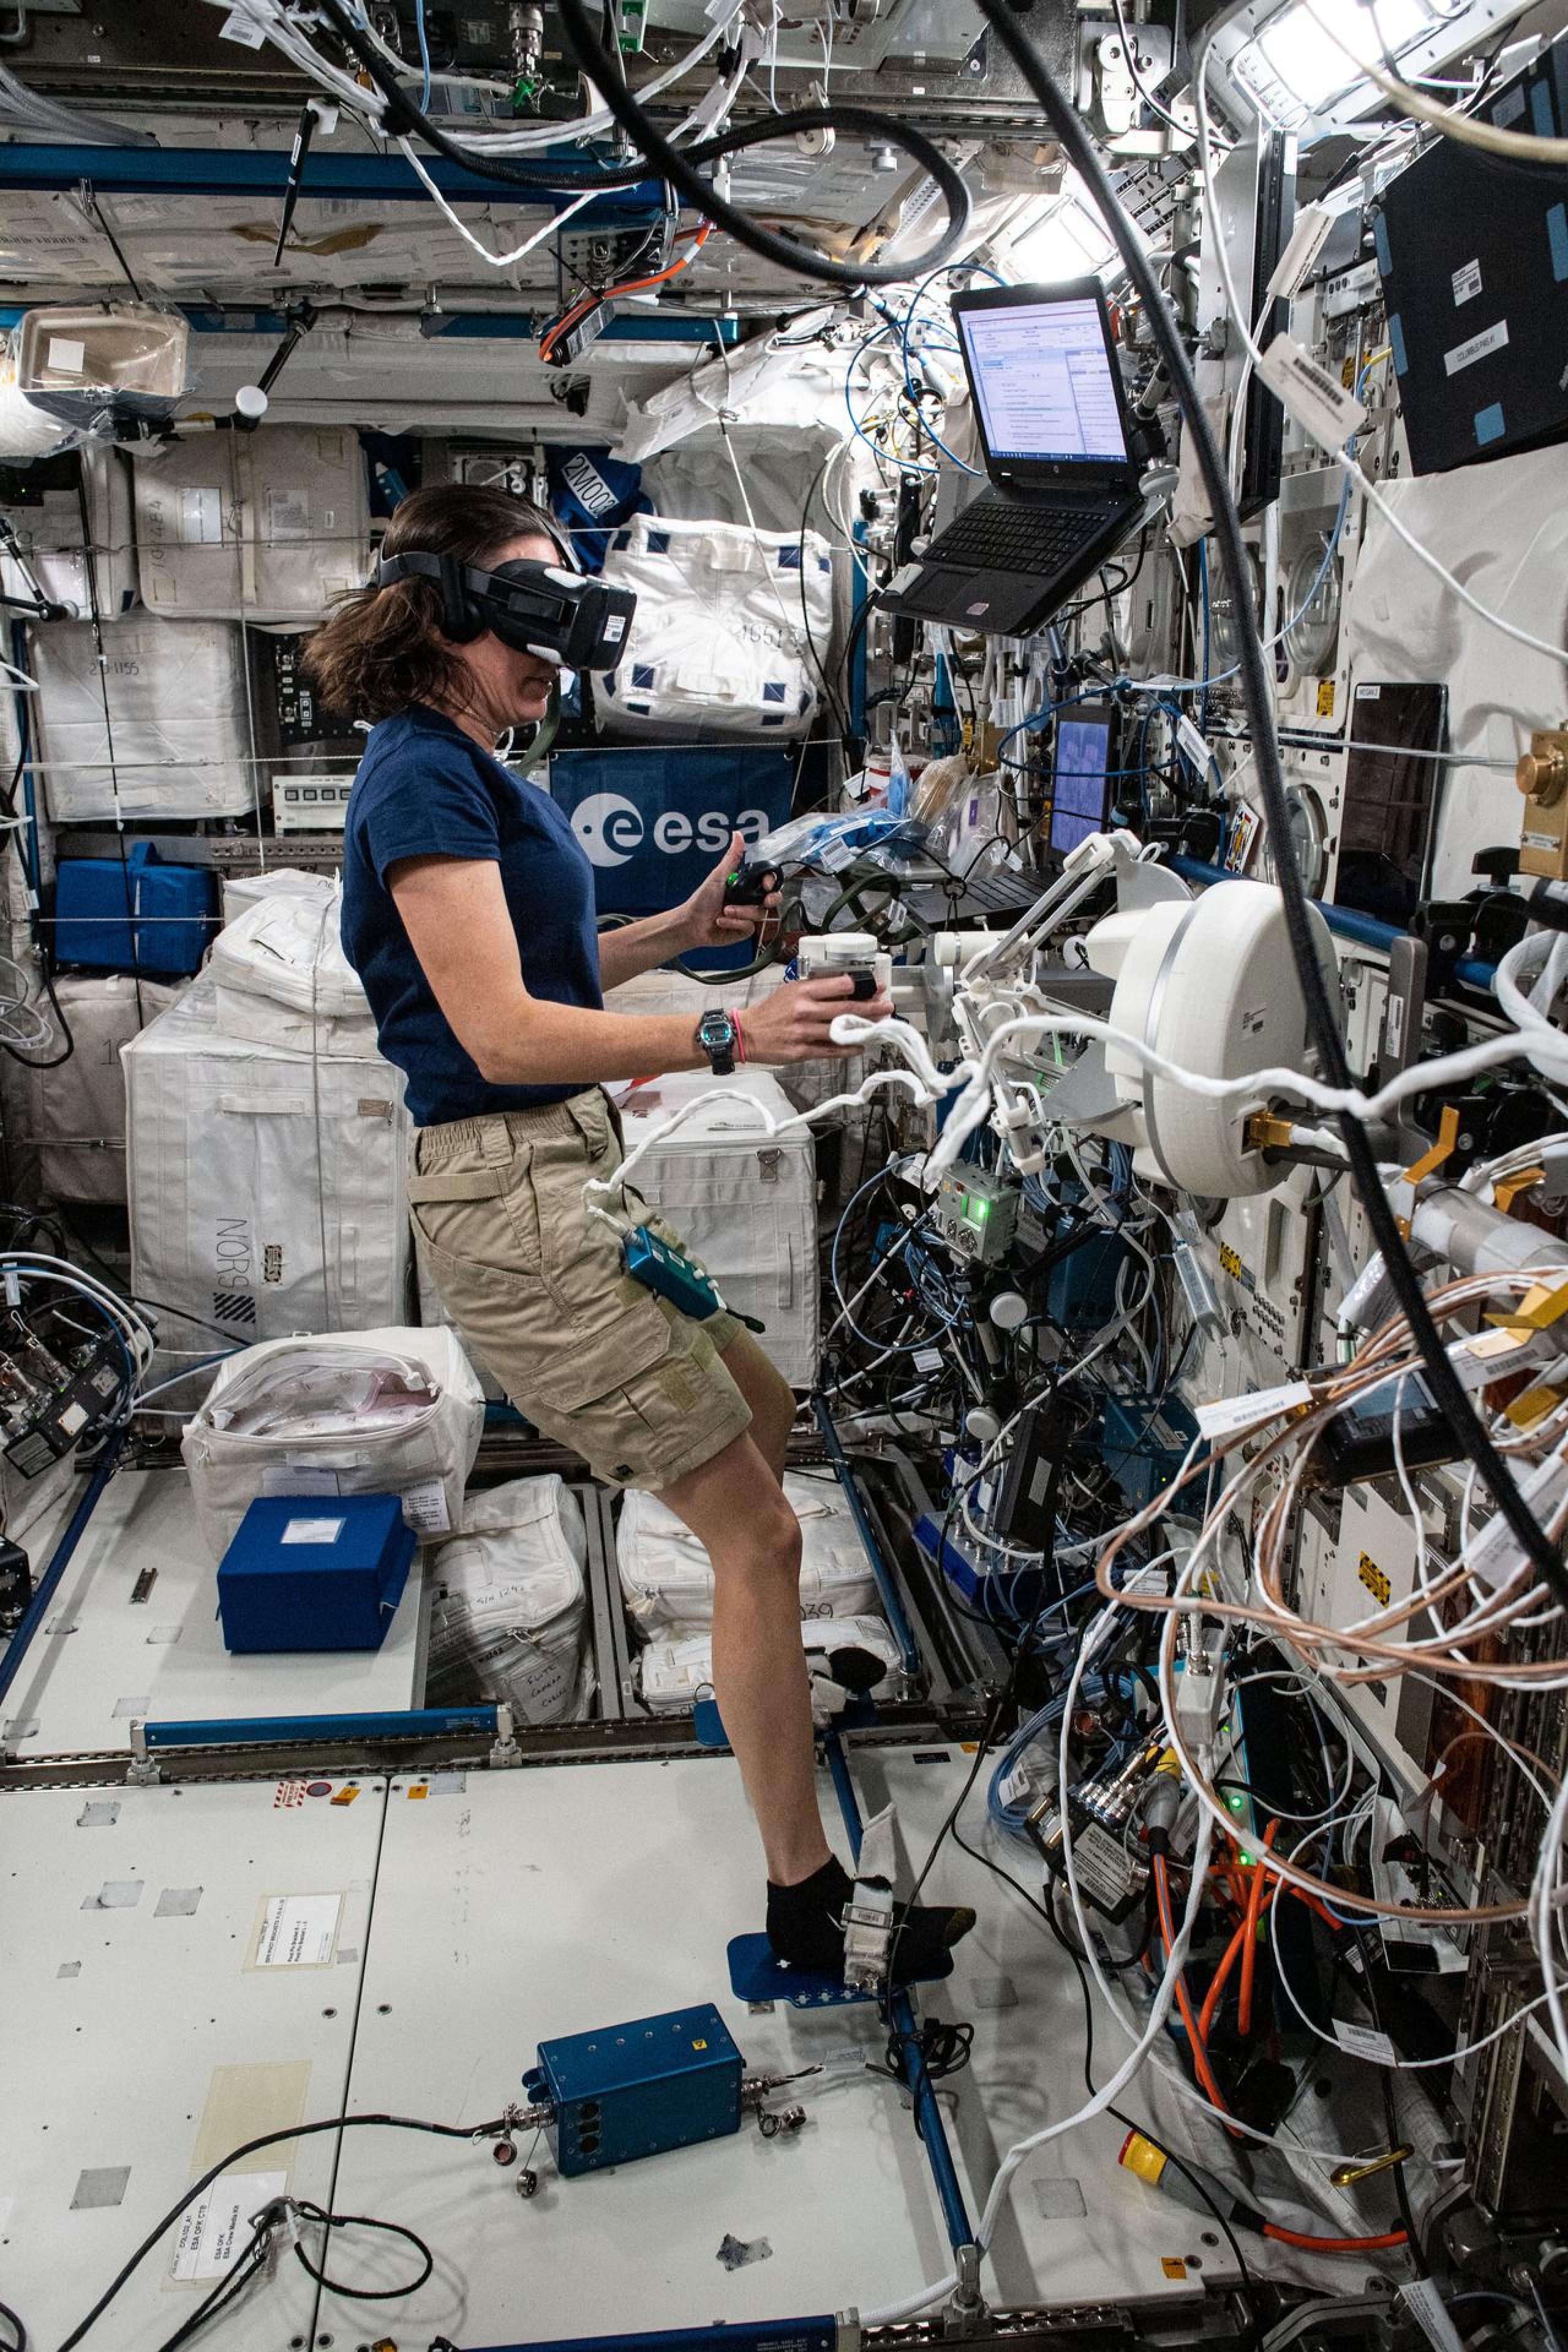 imagen de una astronauta trabajando con una investigacion